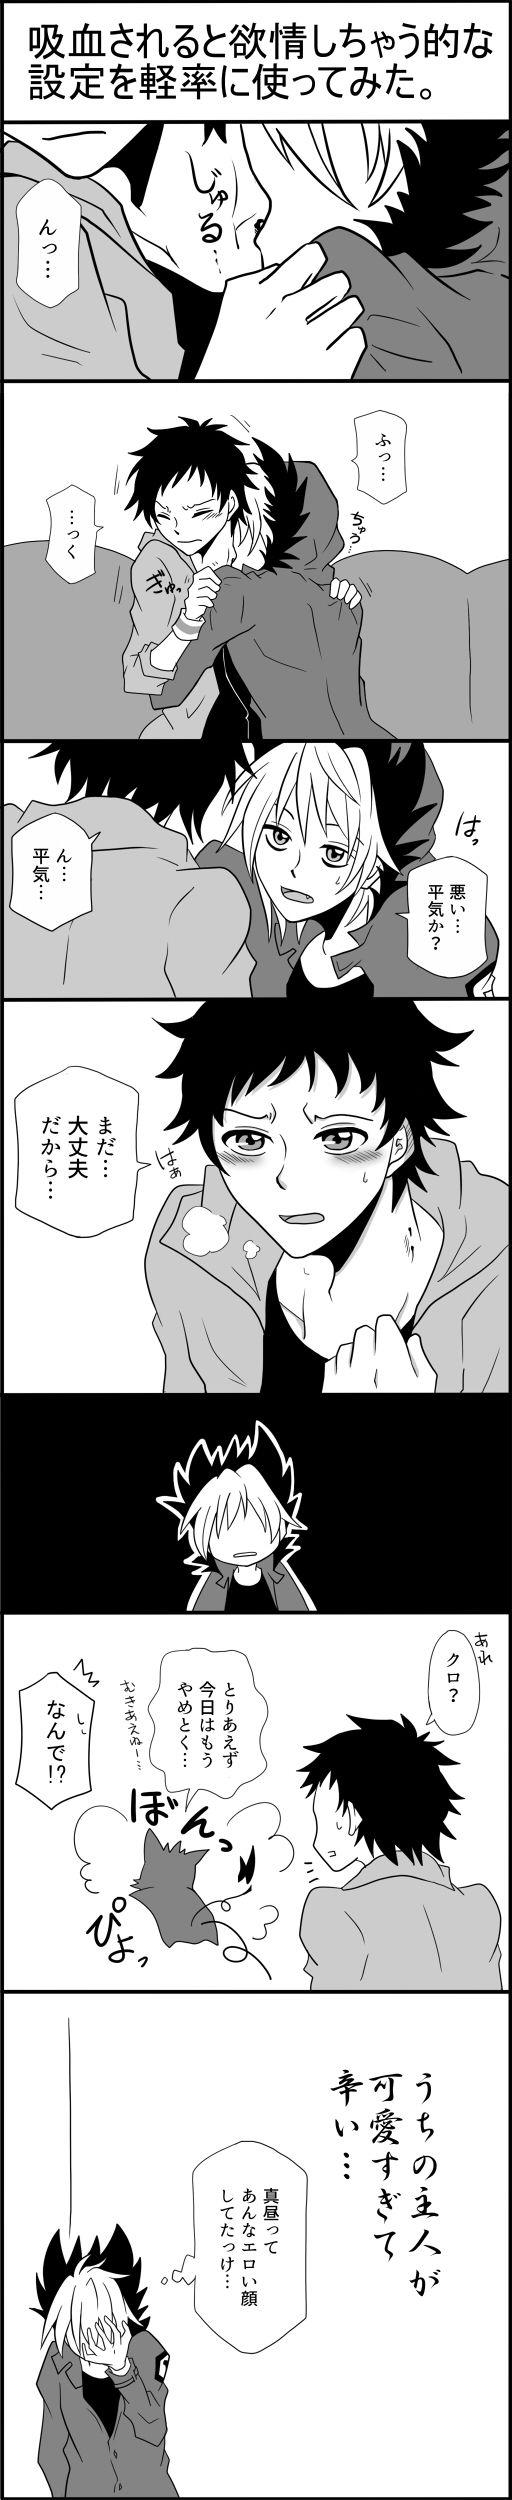 【クロ真】n番煎じ吸血ネタ【腐向け】